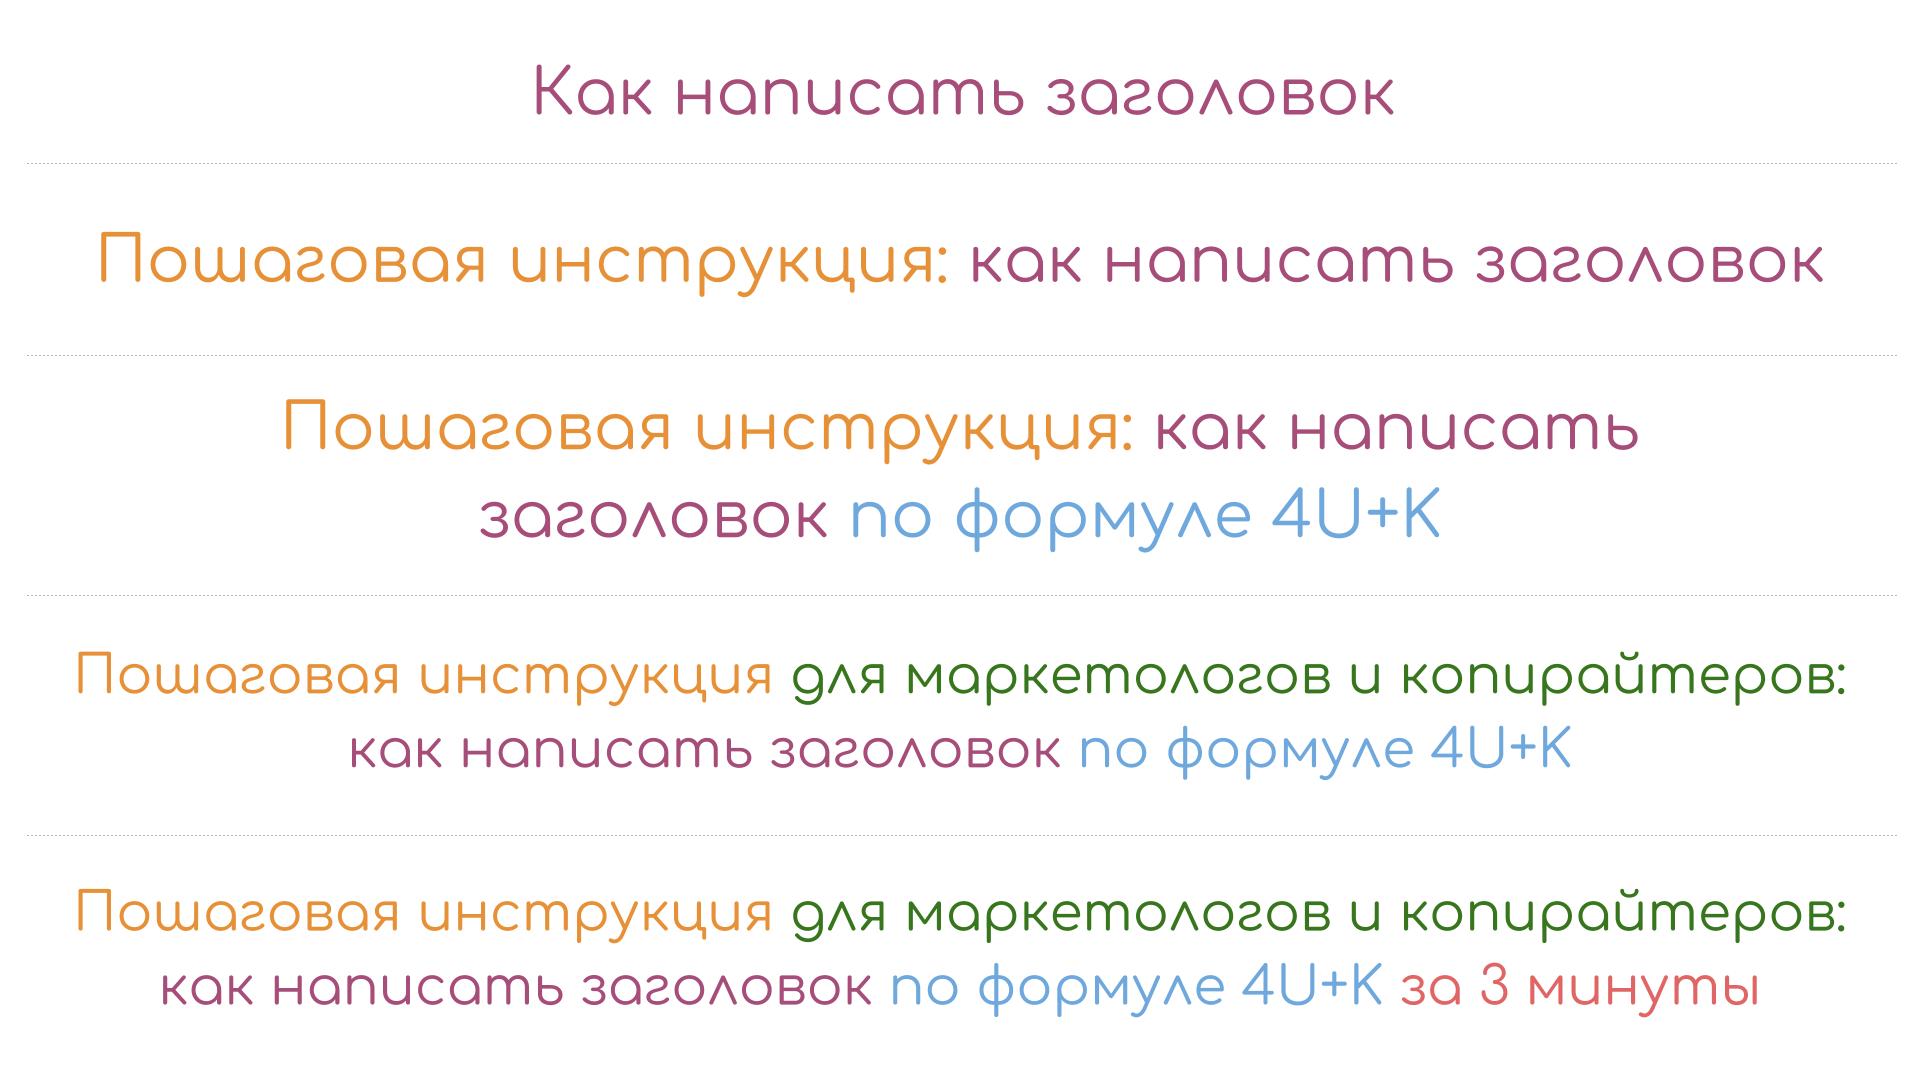 Ключевые слова с элементами системы 4U